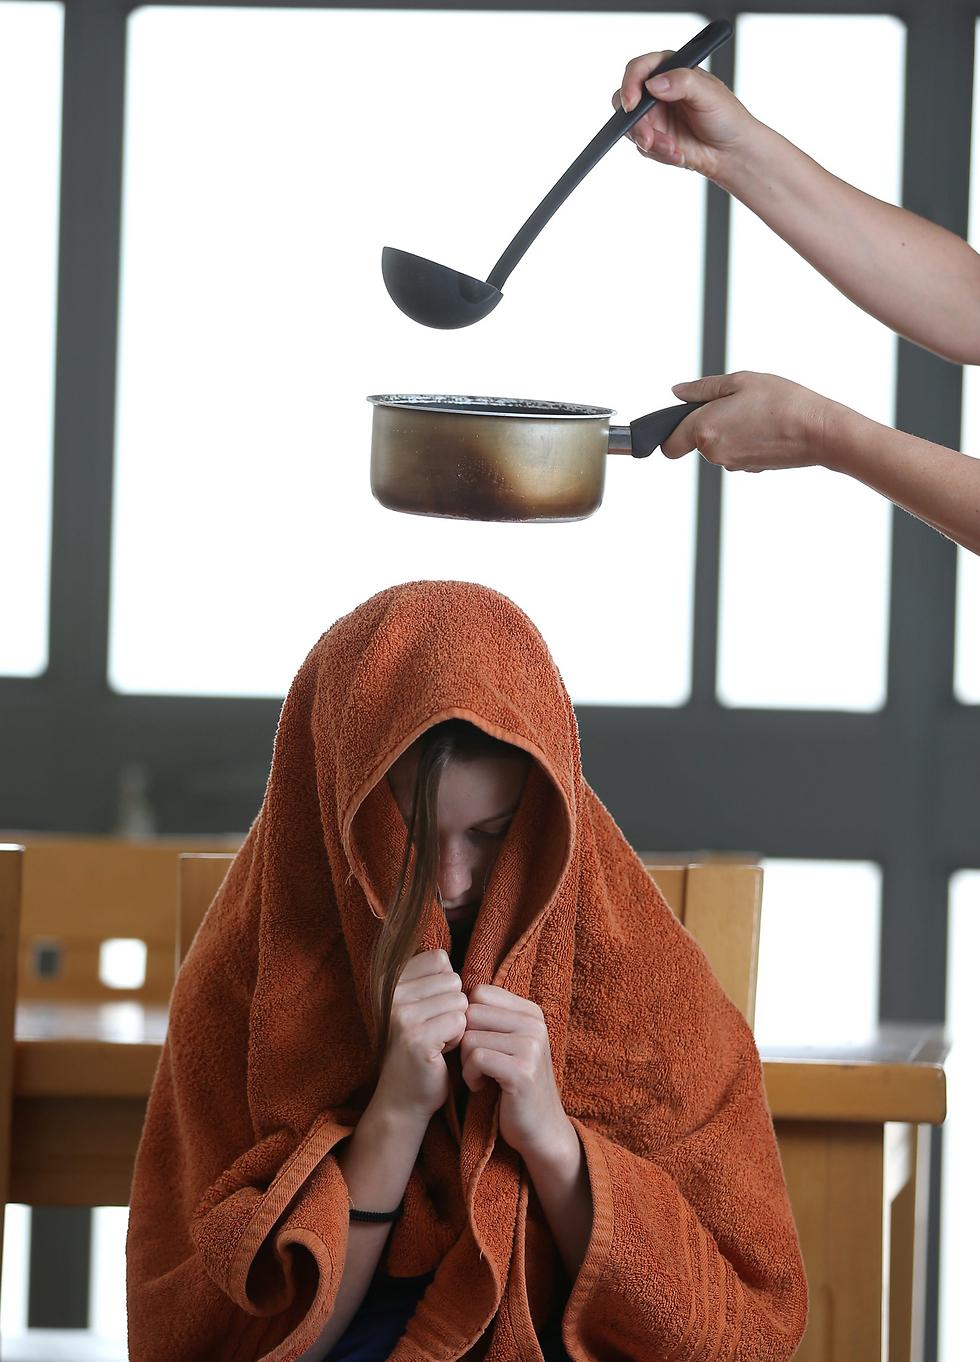 """""""תניחי עלייך את המגבת, לא יודעים כמה פעמים נחזור על הפעולה"""" (צילום: אלעד גרשגורן)"""